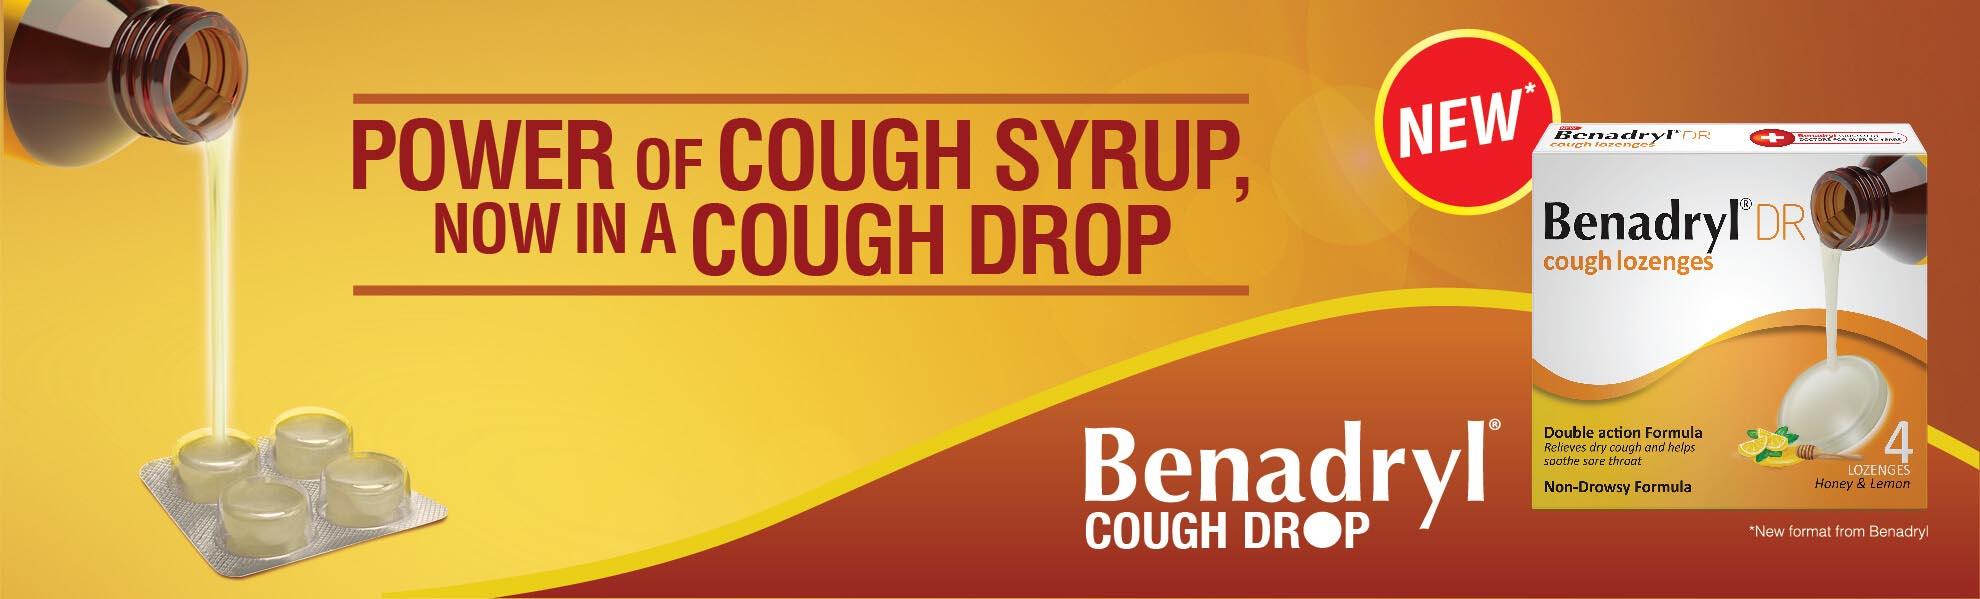 benadryl-kv-banner-new.jpg